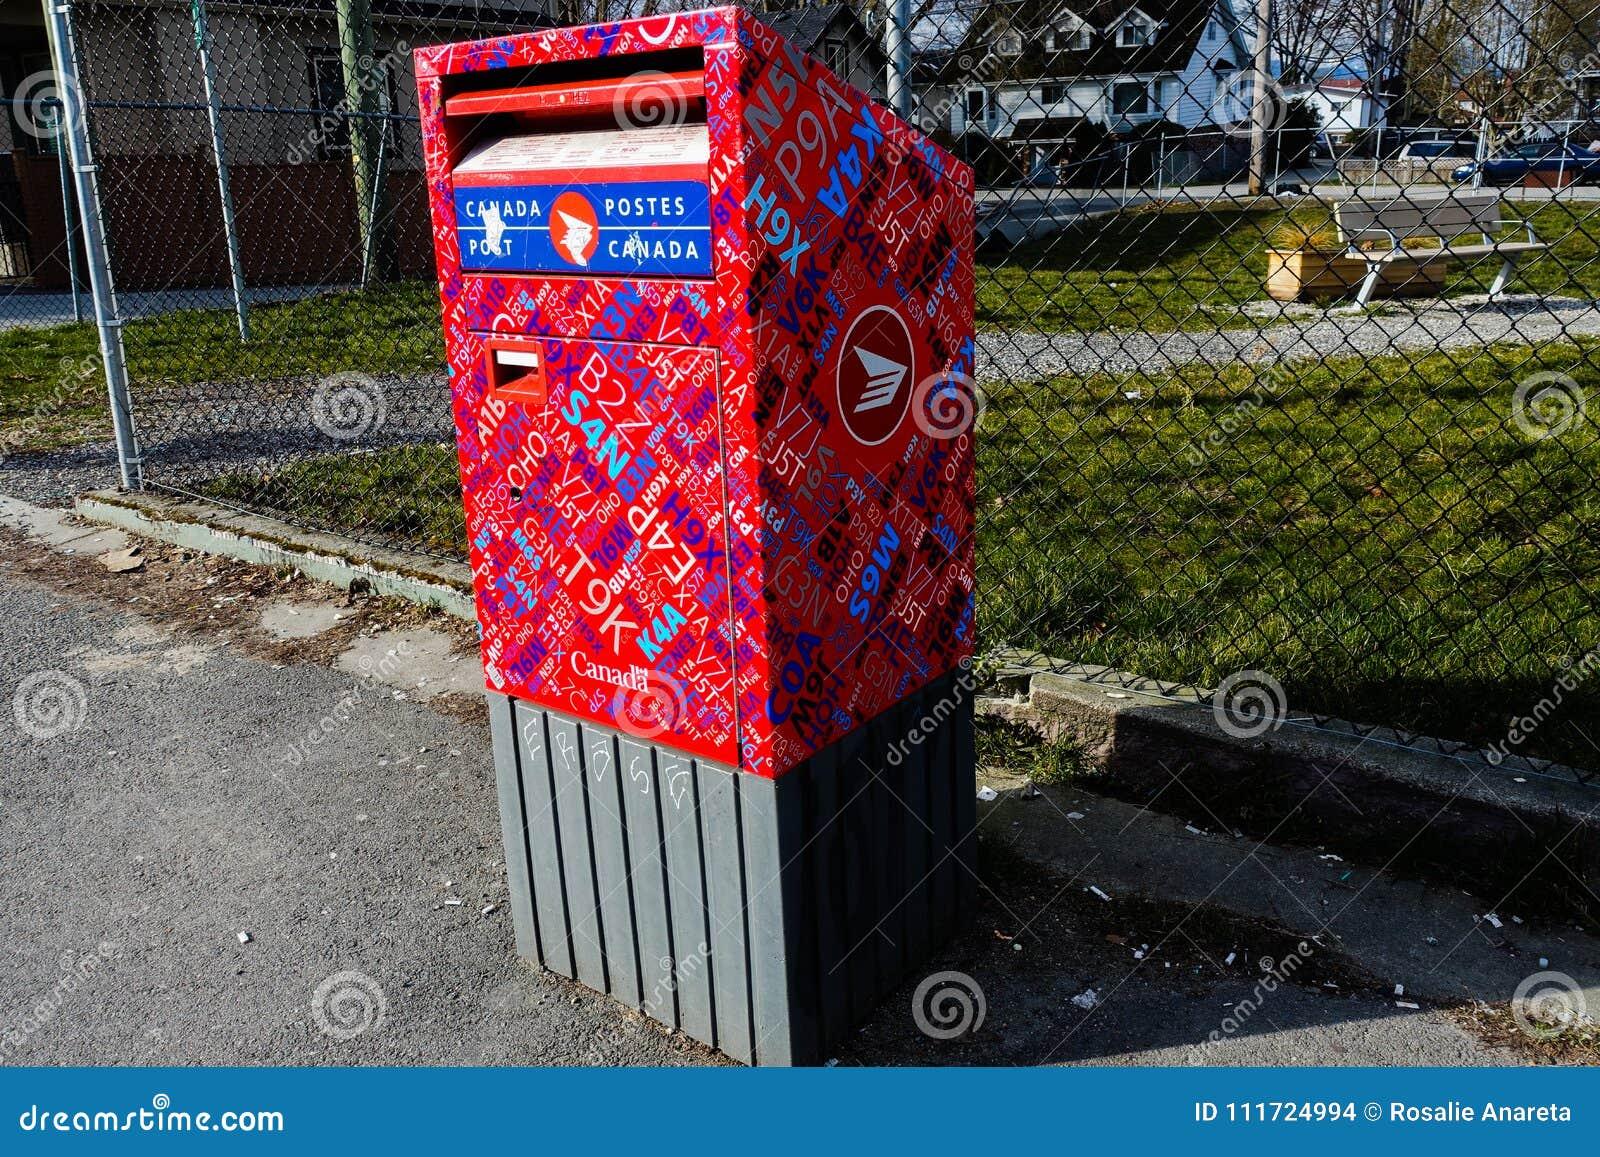 Buzón del poste de Canadá en Vancouver, A.C. Canadá